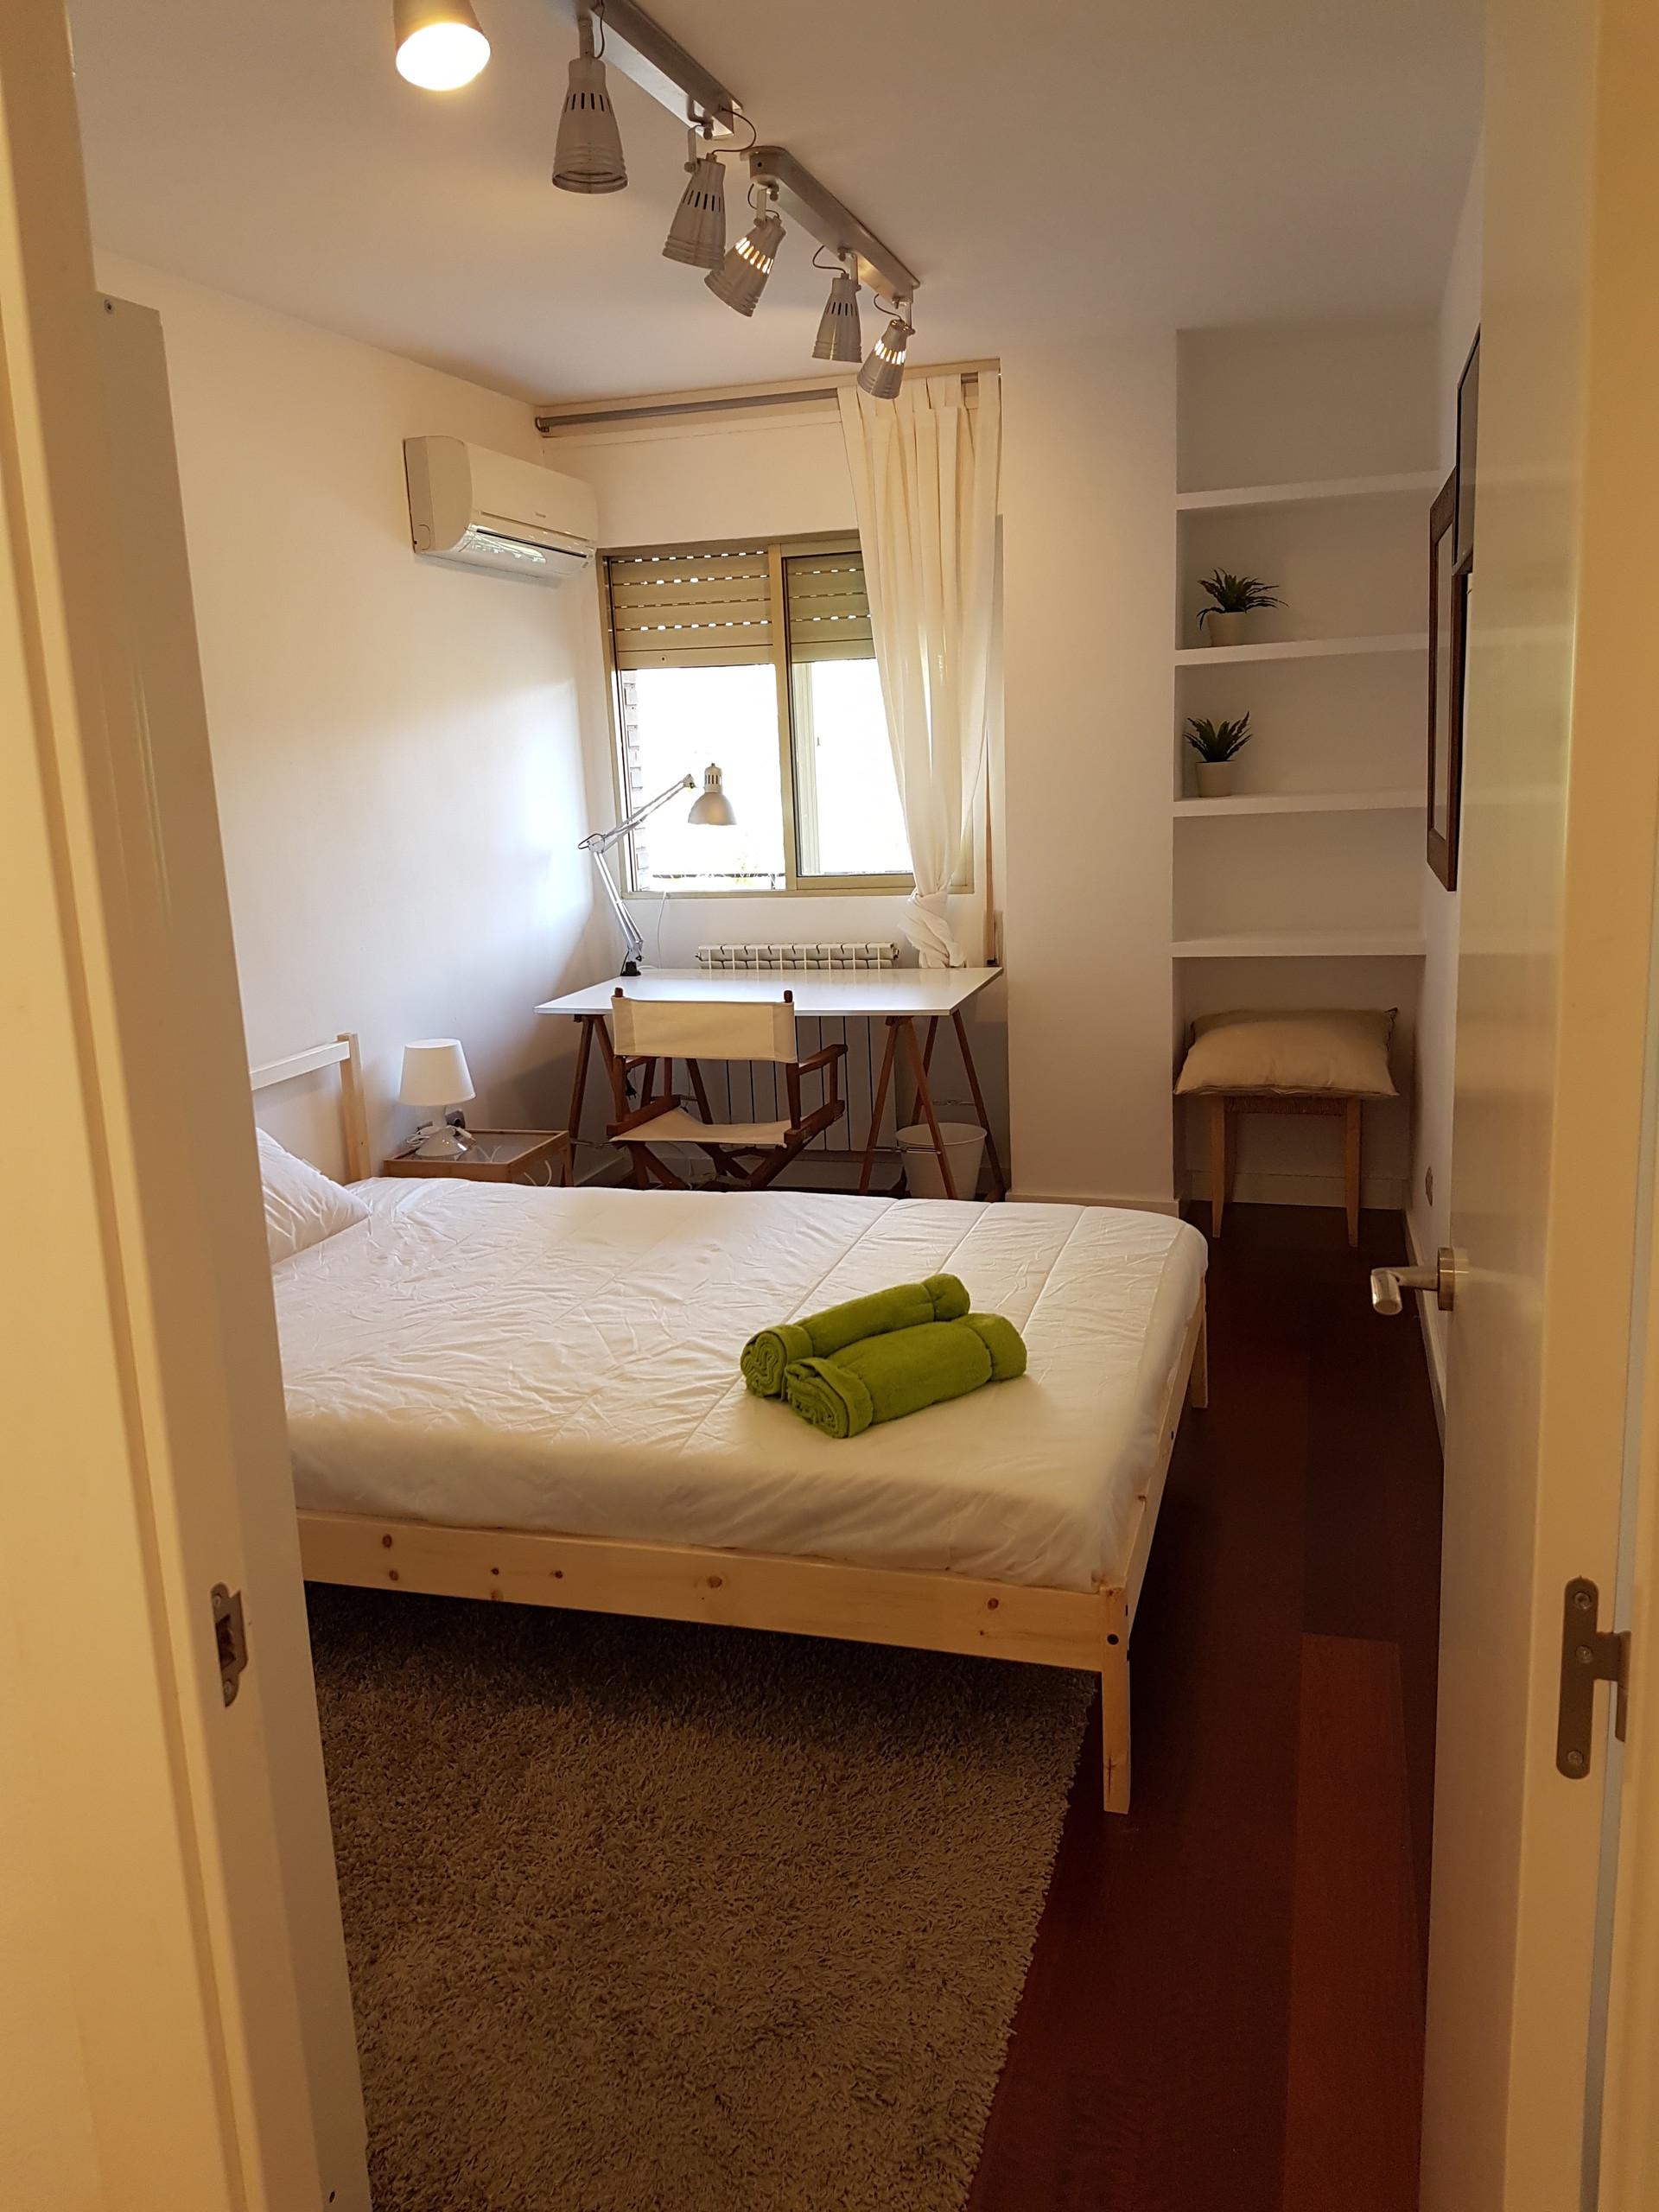 Alquiler habitaci n doble uso individual o doble en for Habitacion zaragoza alquiler